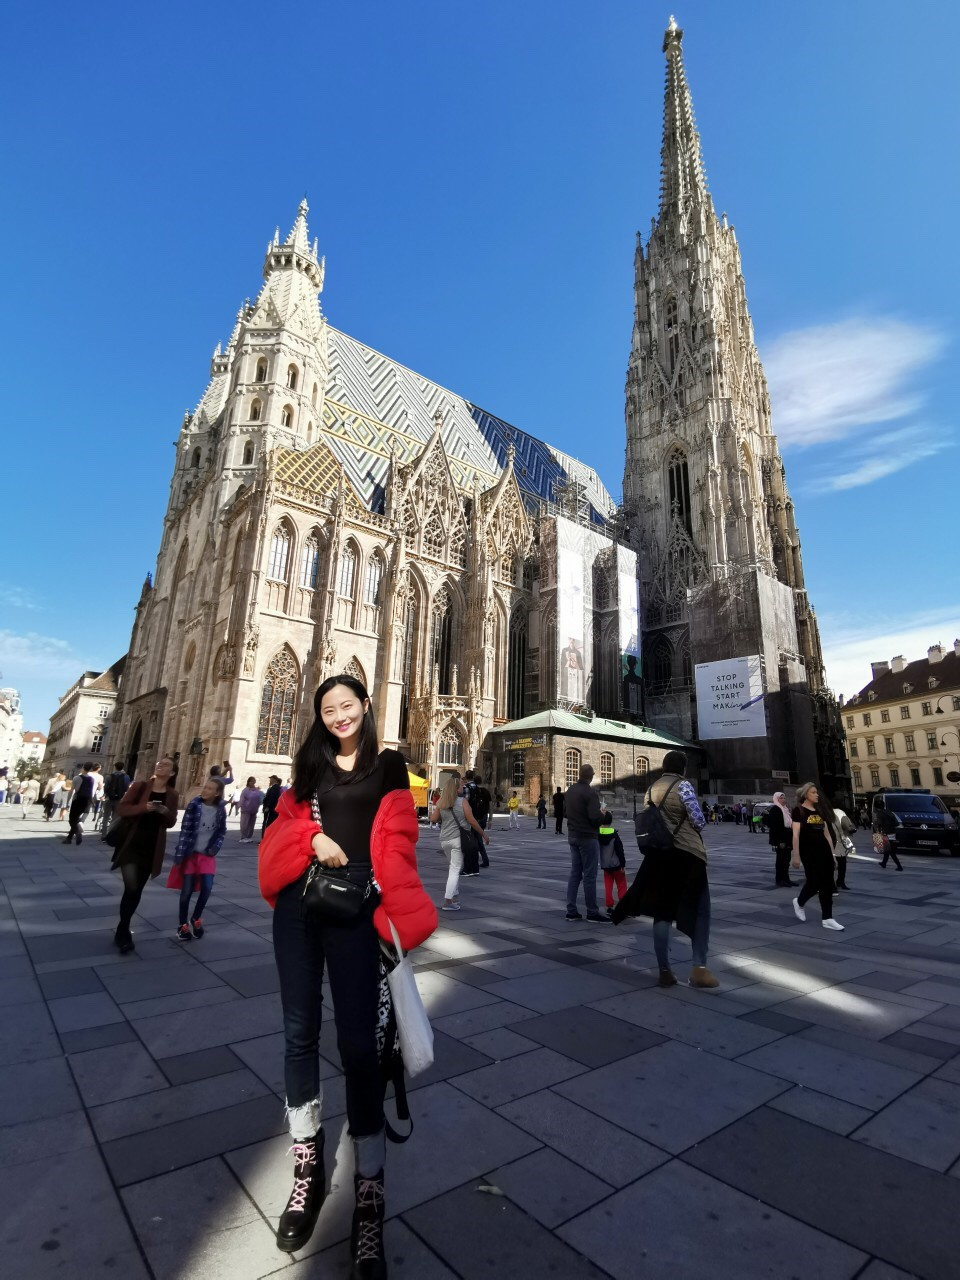 ▲維也納聖史蒂芬大教堂,也是世界第二高的哥德式教堂。